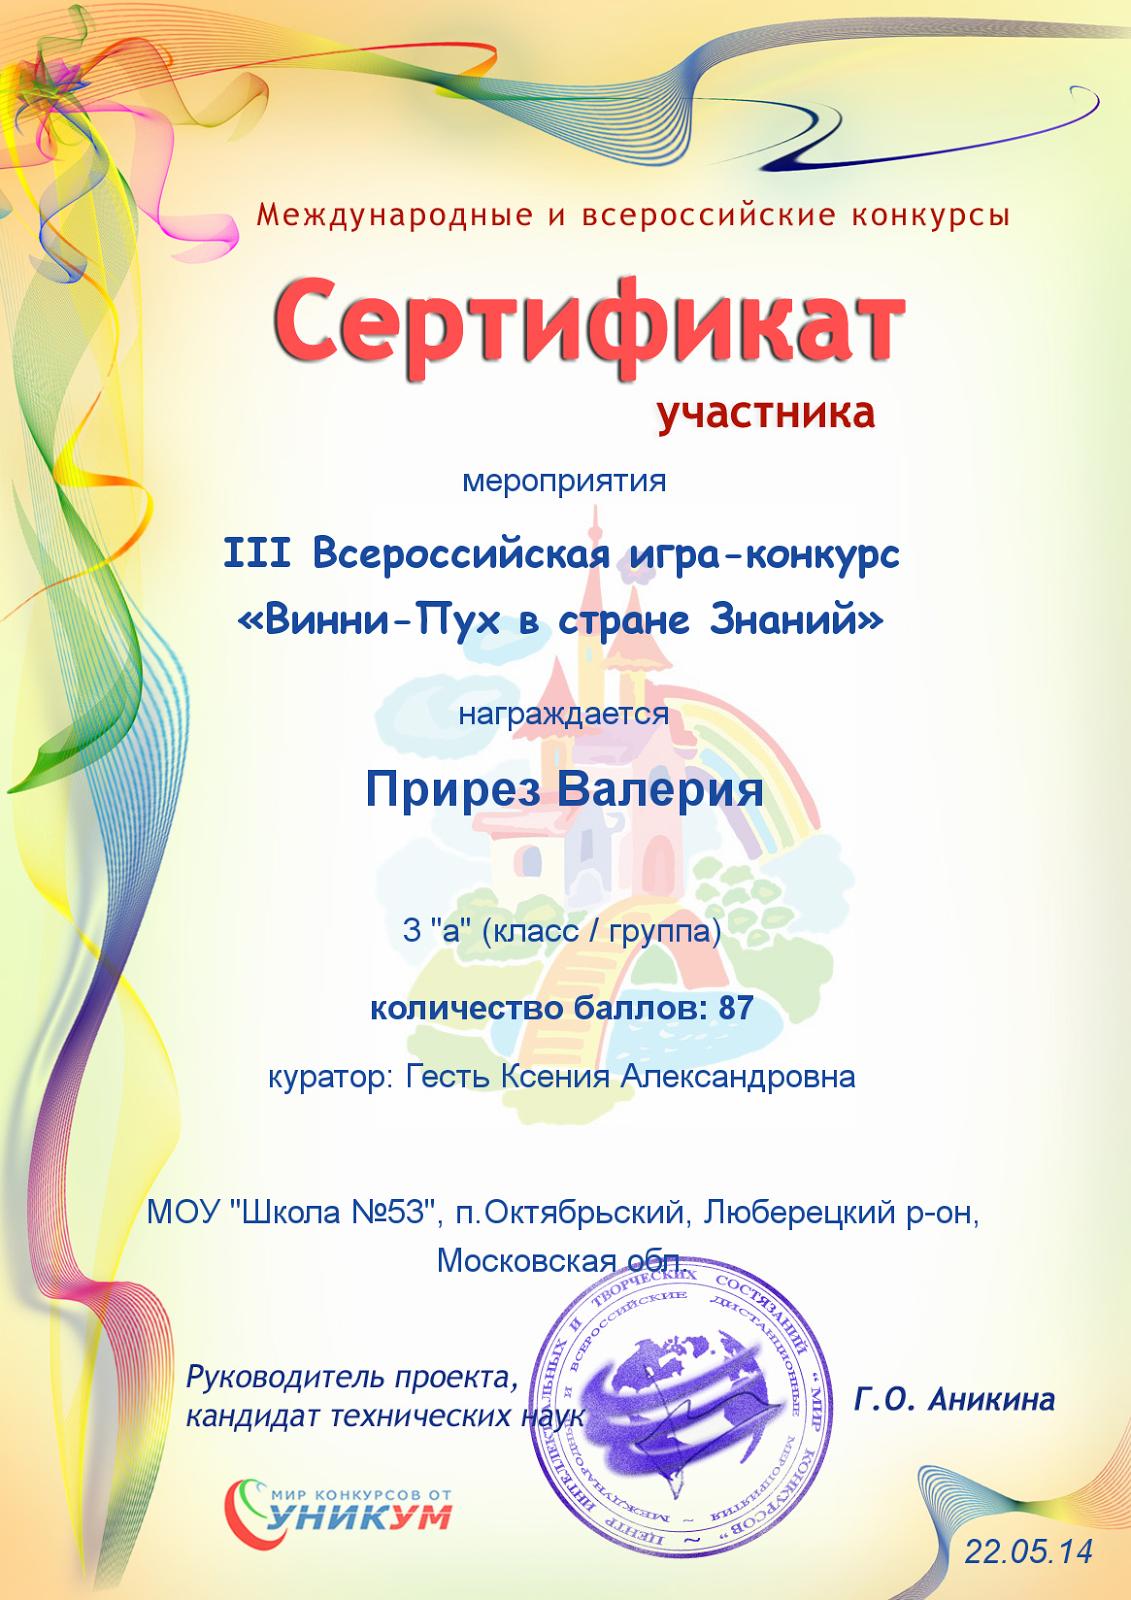 Экспресс конкурсы для педагогов и детей